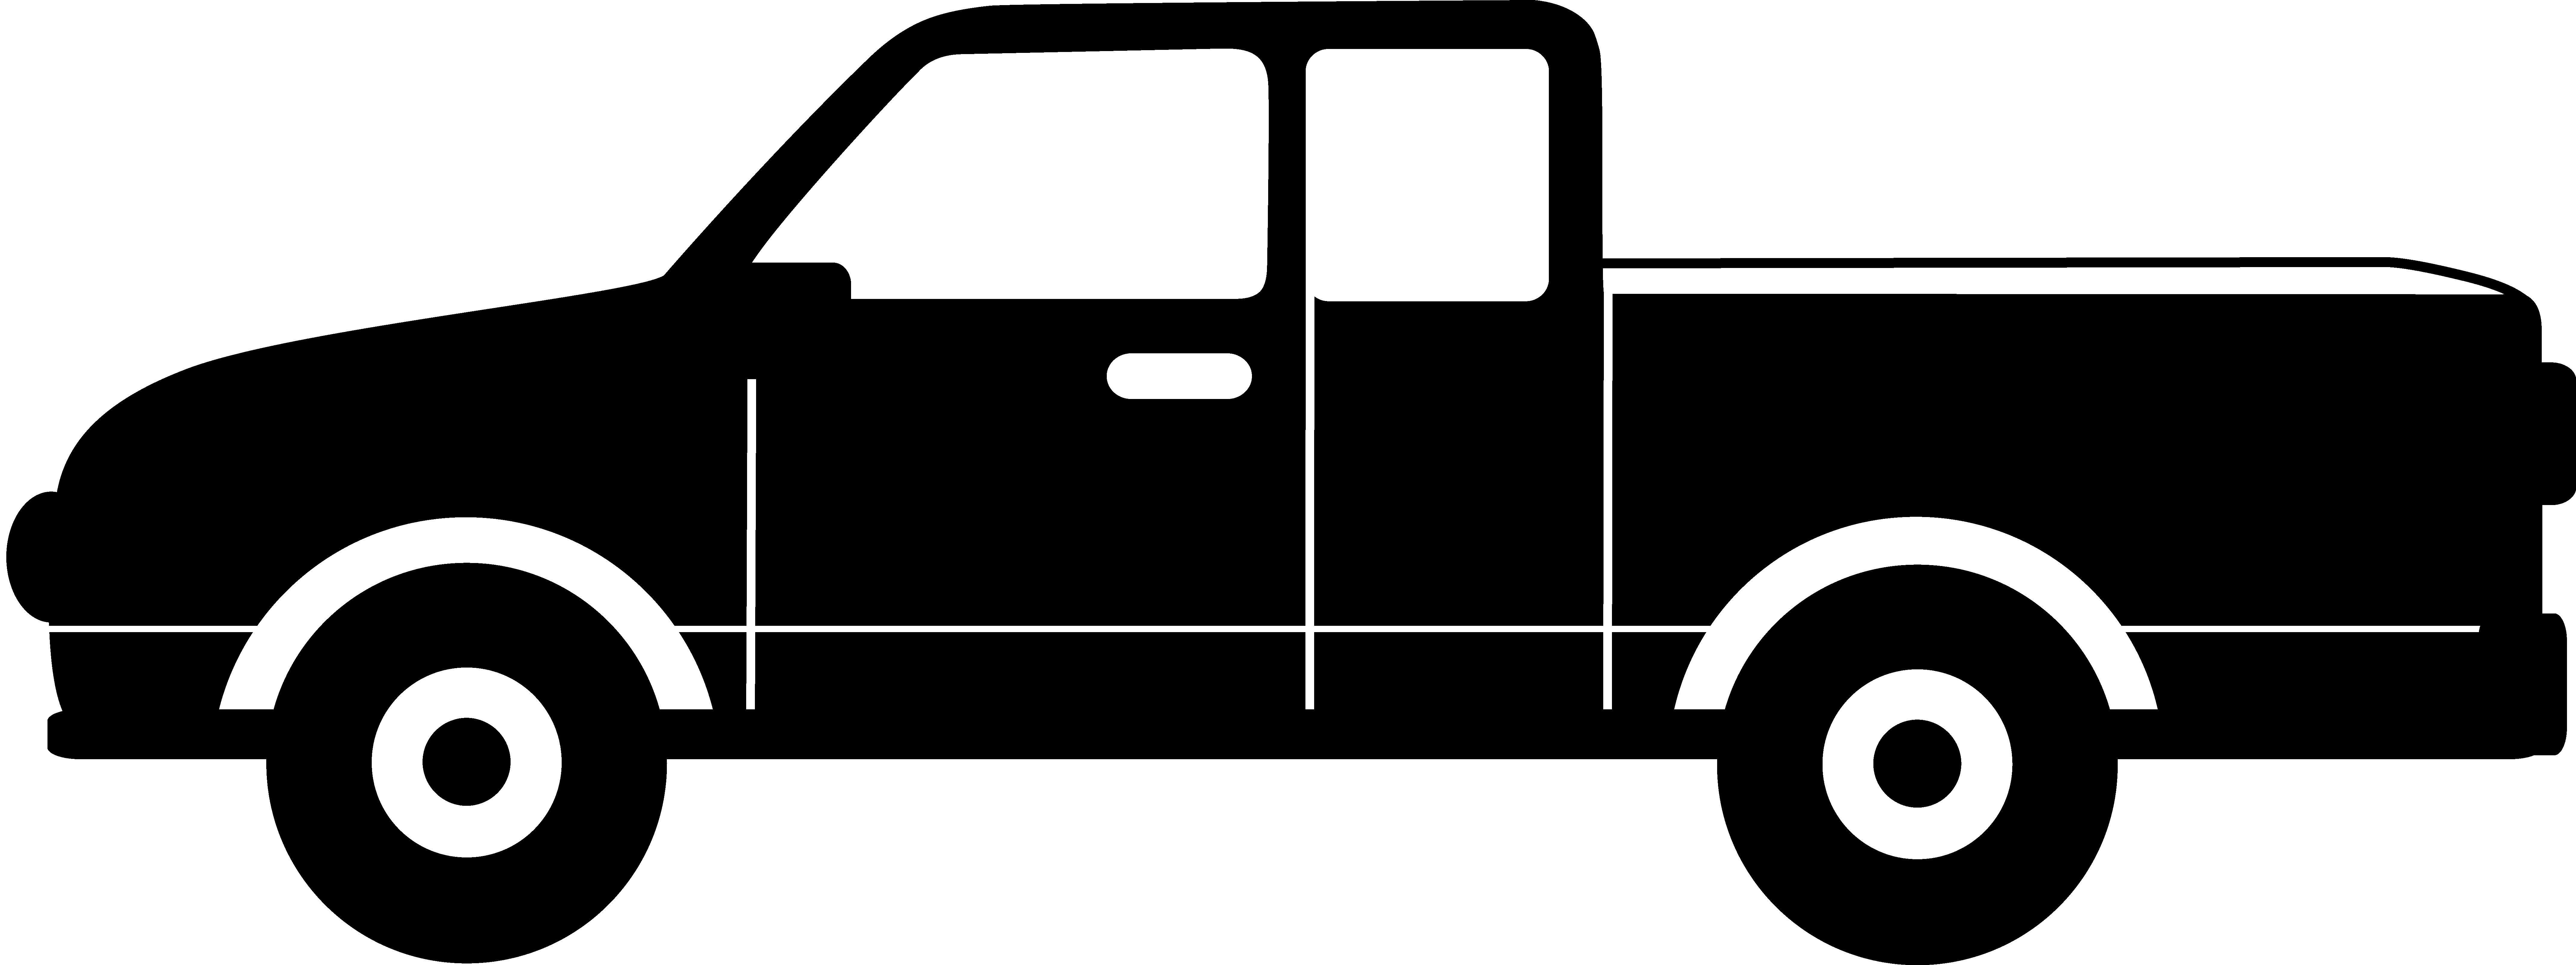 8572x3212 Car Silhouette Clipart